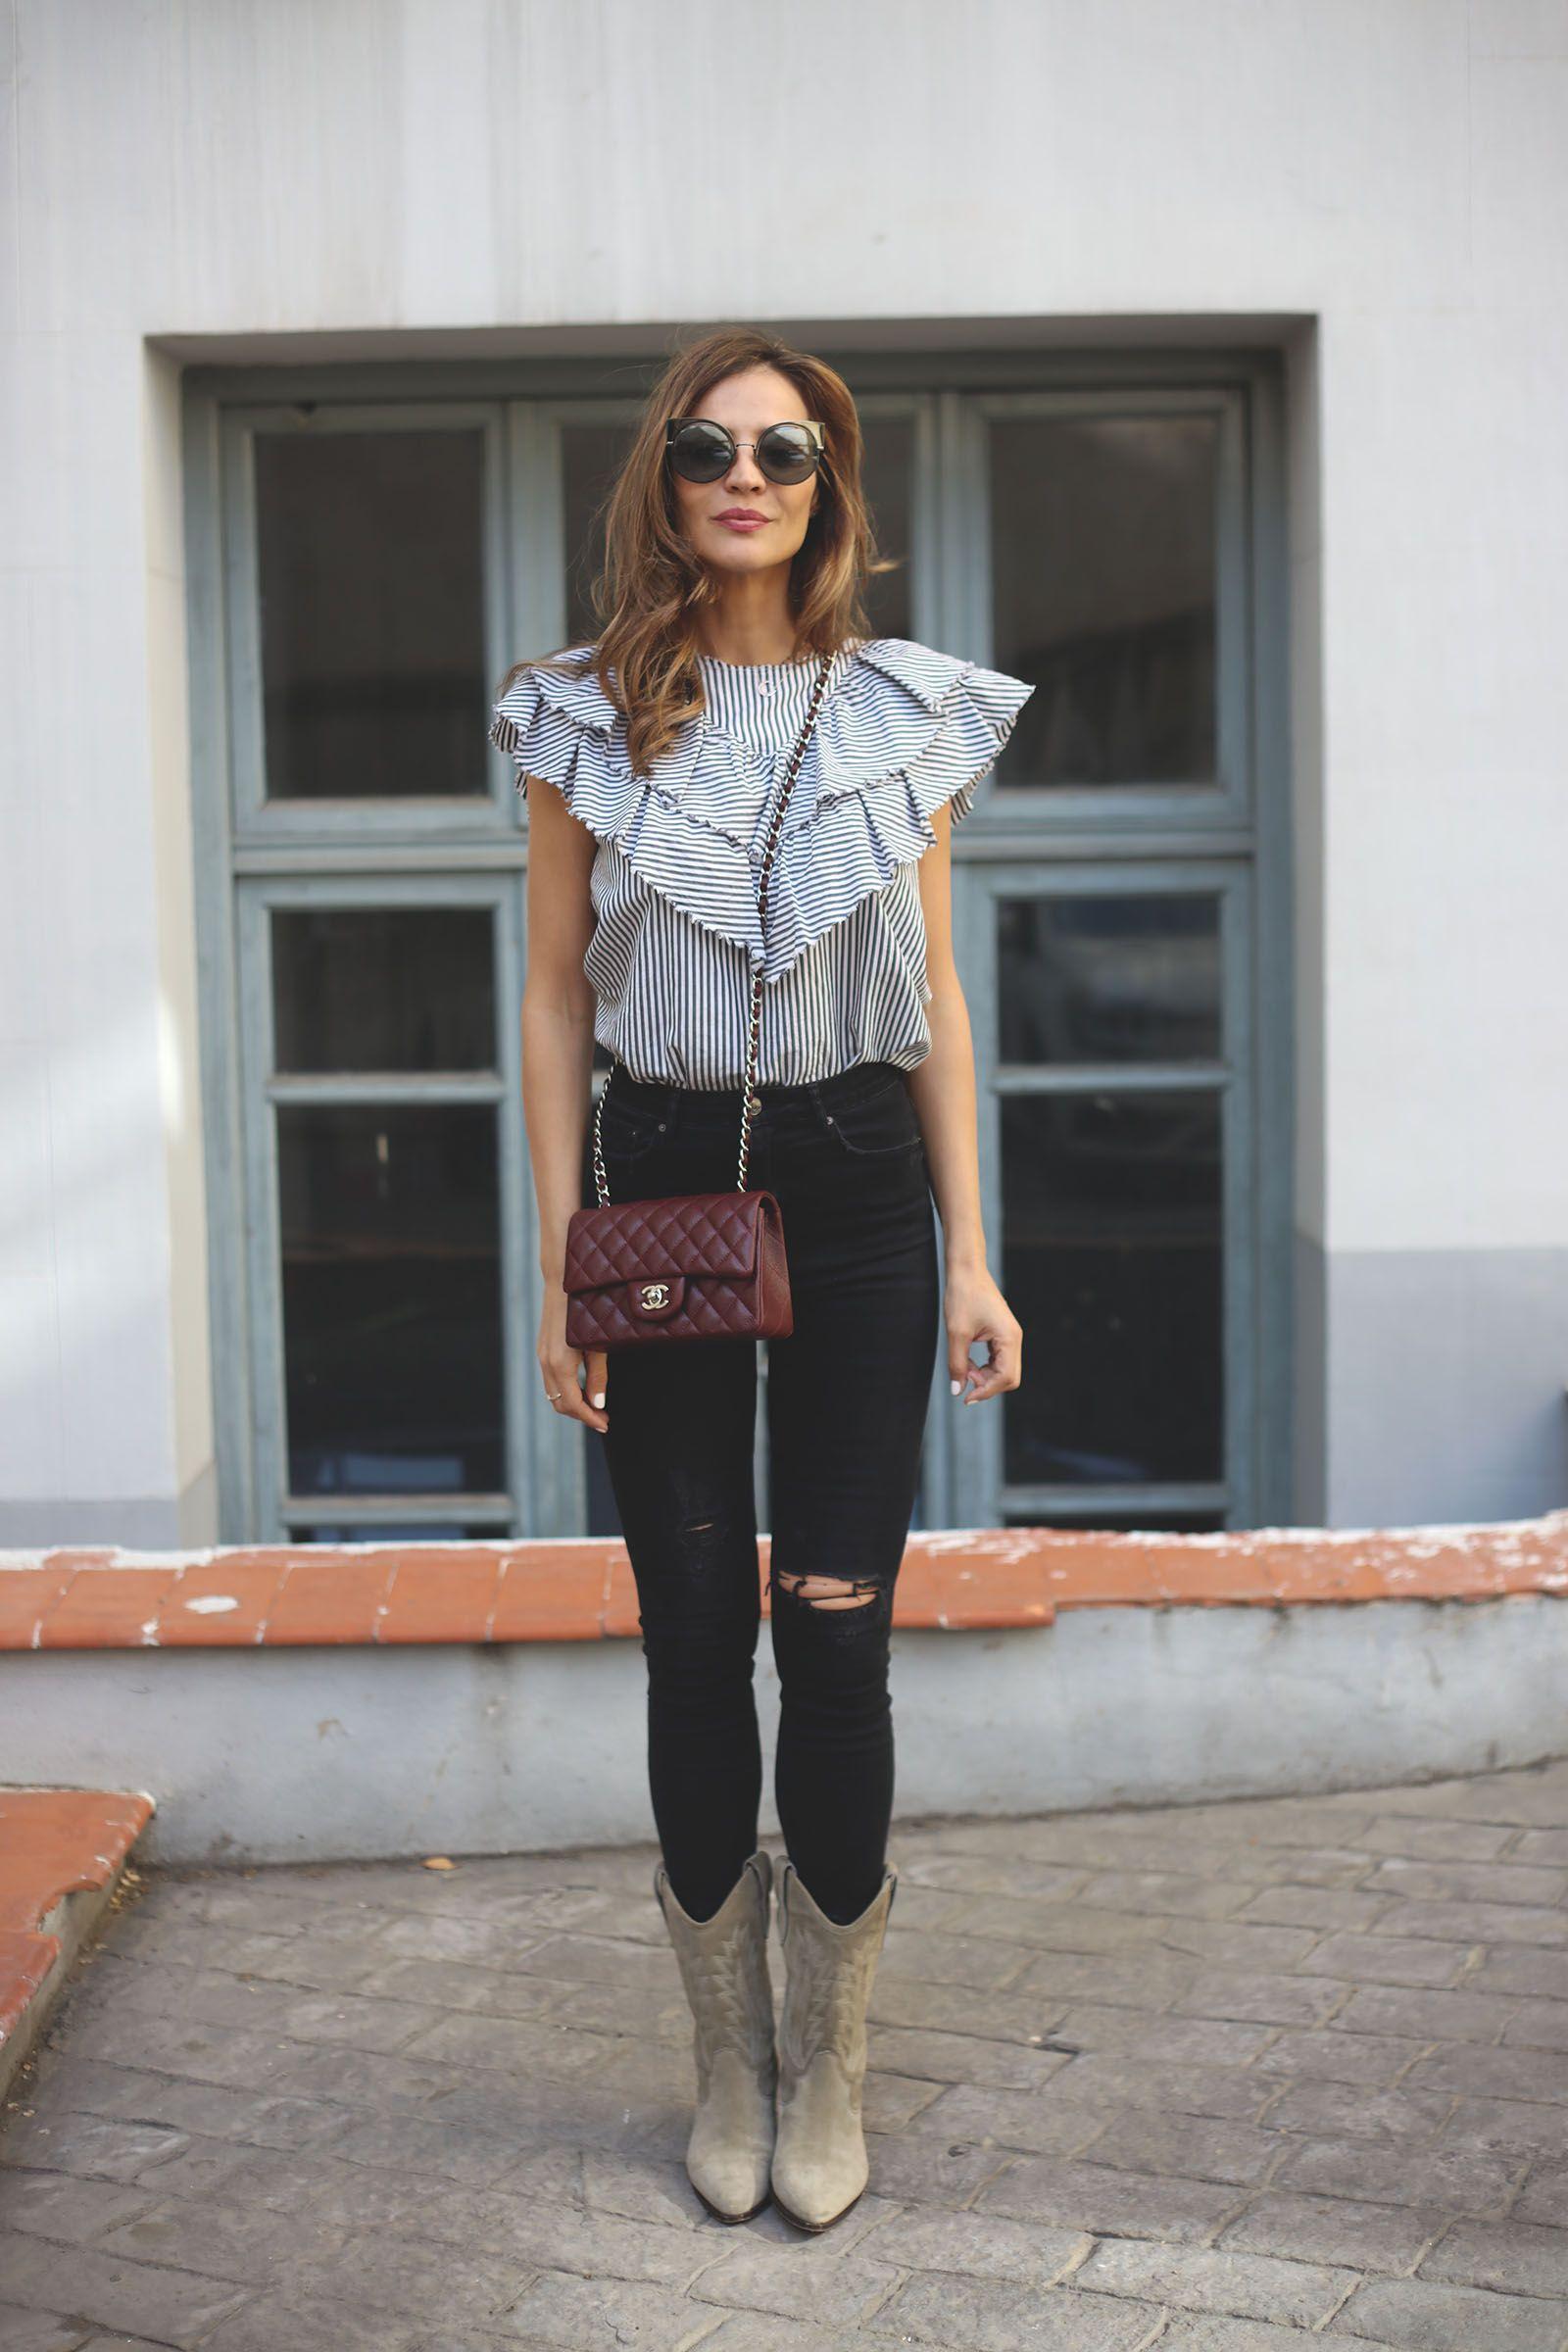 bonito diseño mejor sitio web 100% originales striped shirt | Outfits en 2019 | Trajes con botas de ...